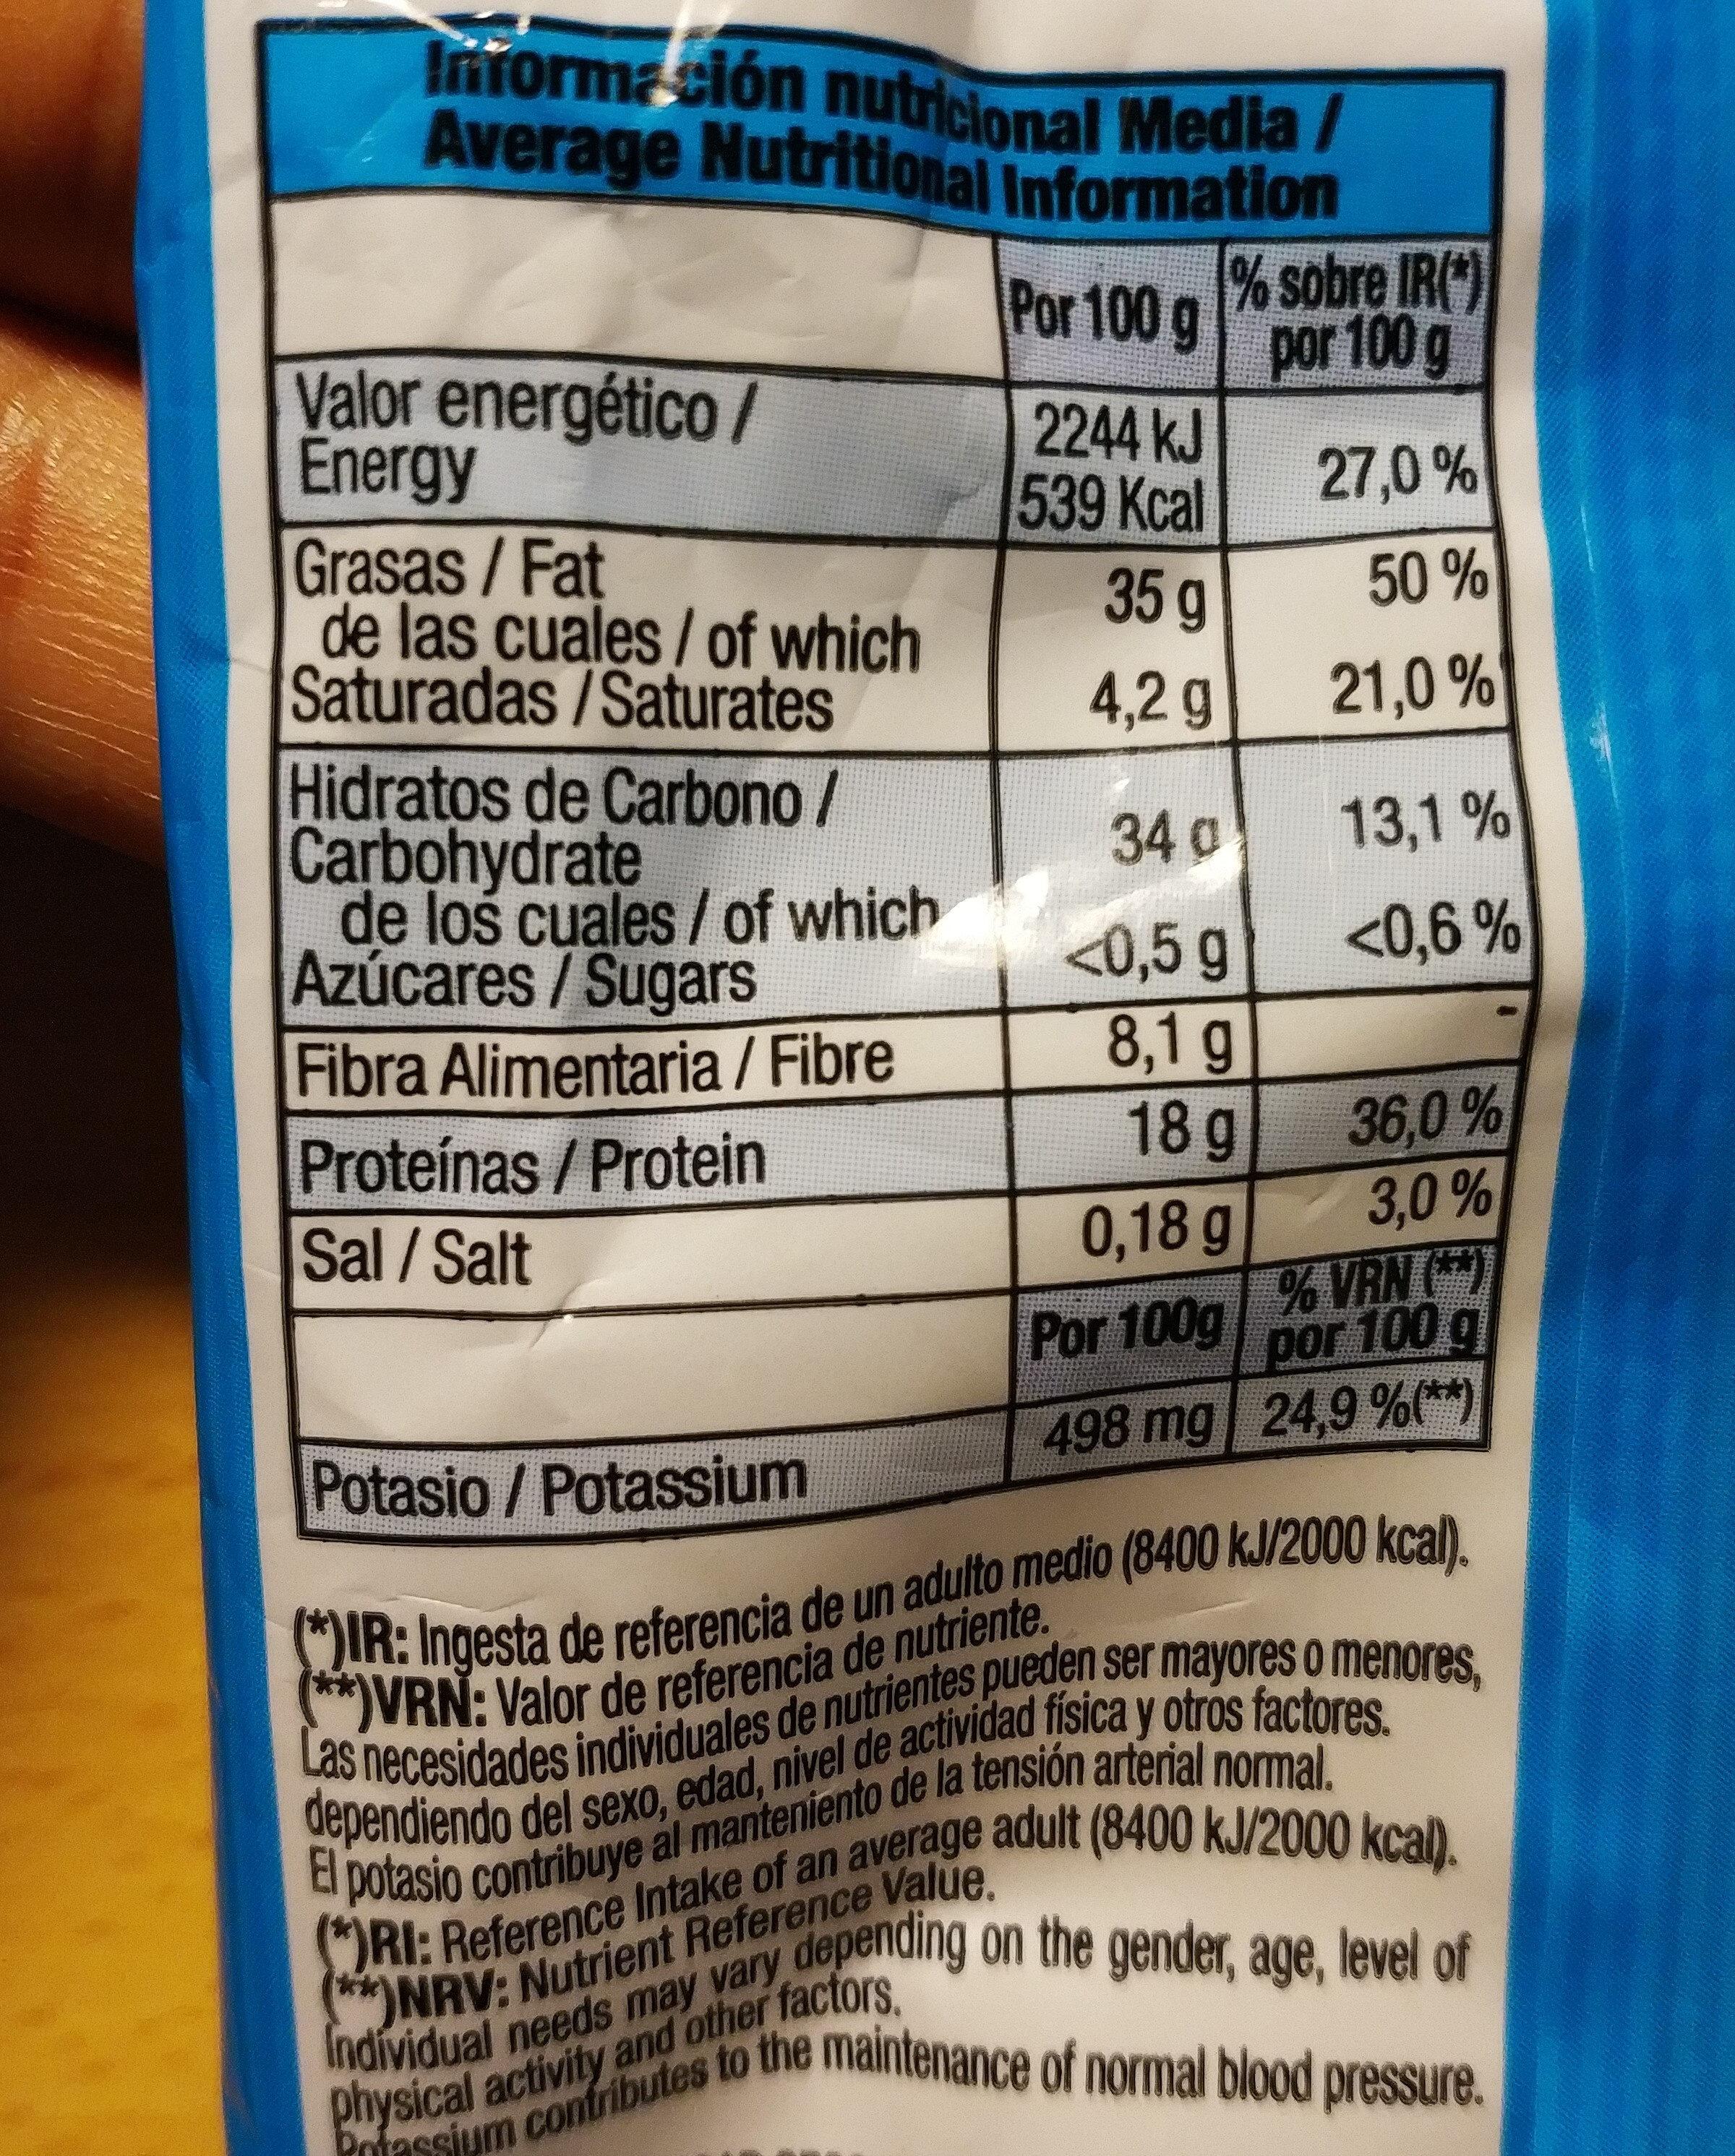 Cocktail de frutos secos - Información nutricional